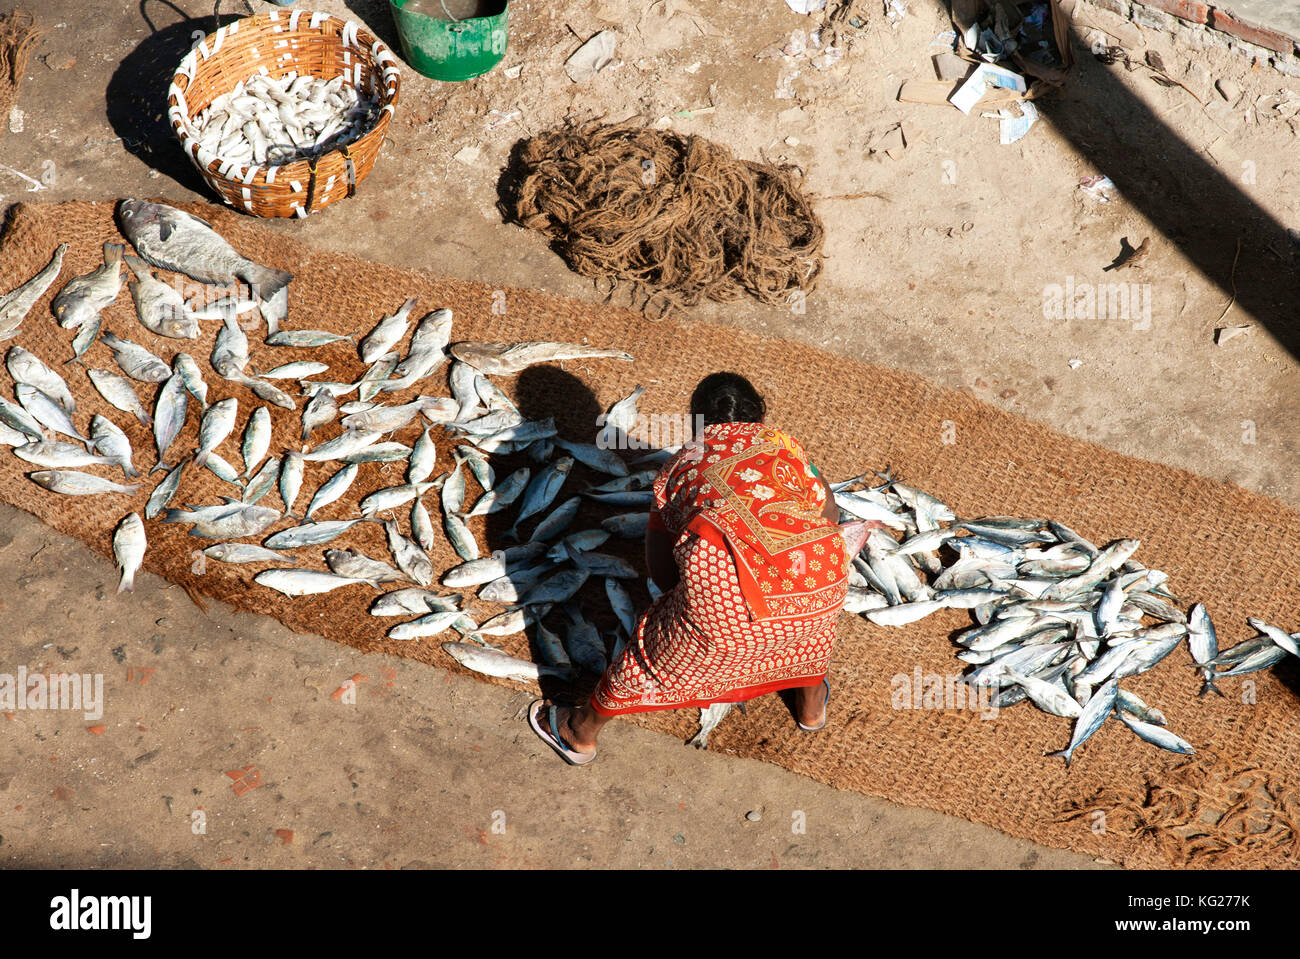 Frau Sortierung frische Fische fangen, ausgebreitet auf Kokos Matten und in der Sonne trocknen, pamban Straße, Stockbild